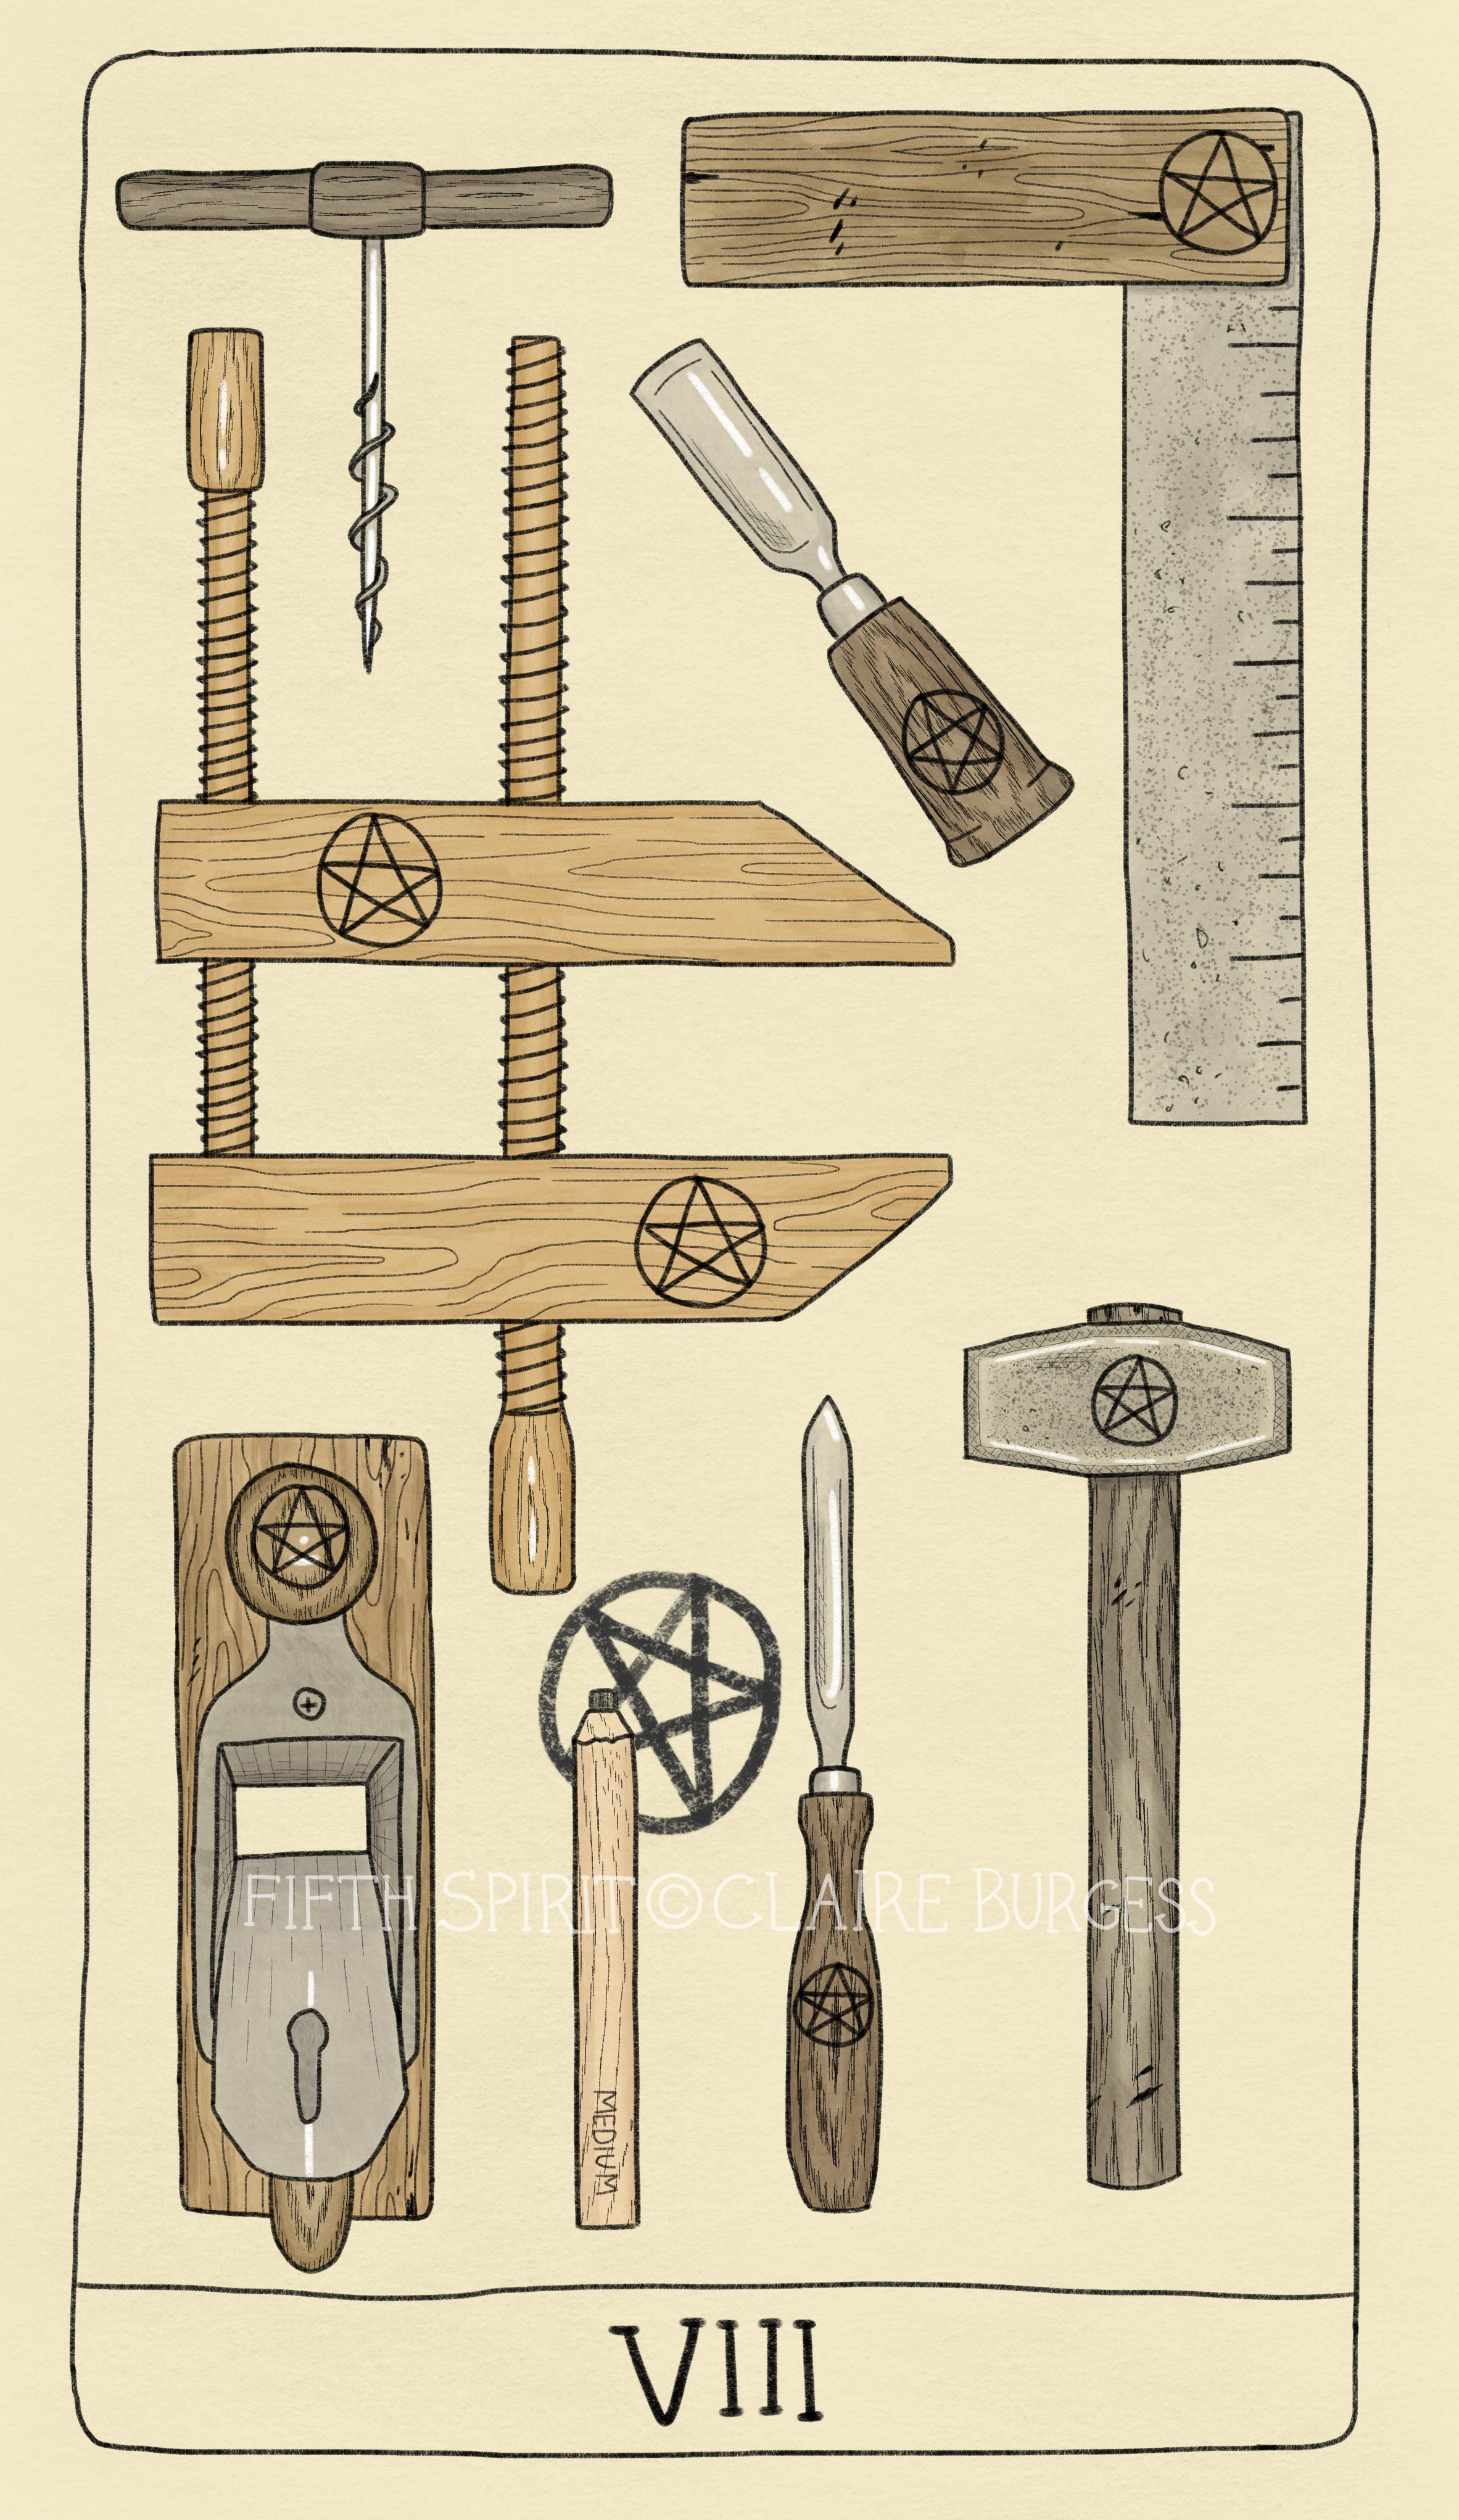 8 of Pentacles Fifth Spirit Tarot